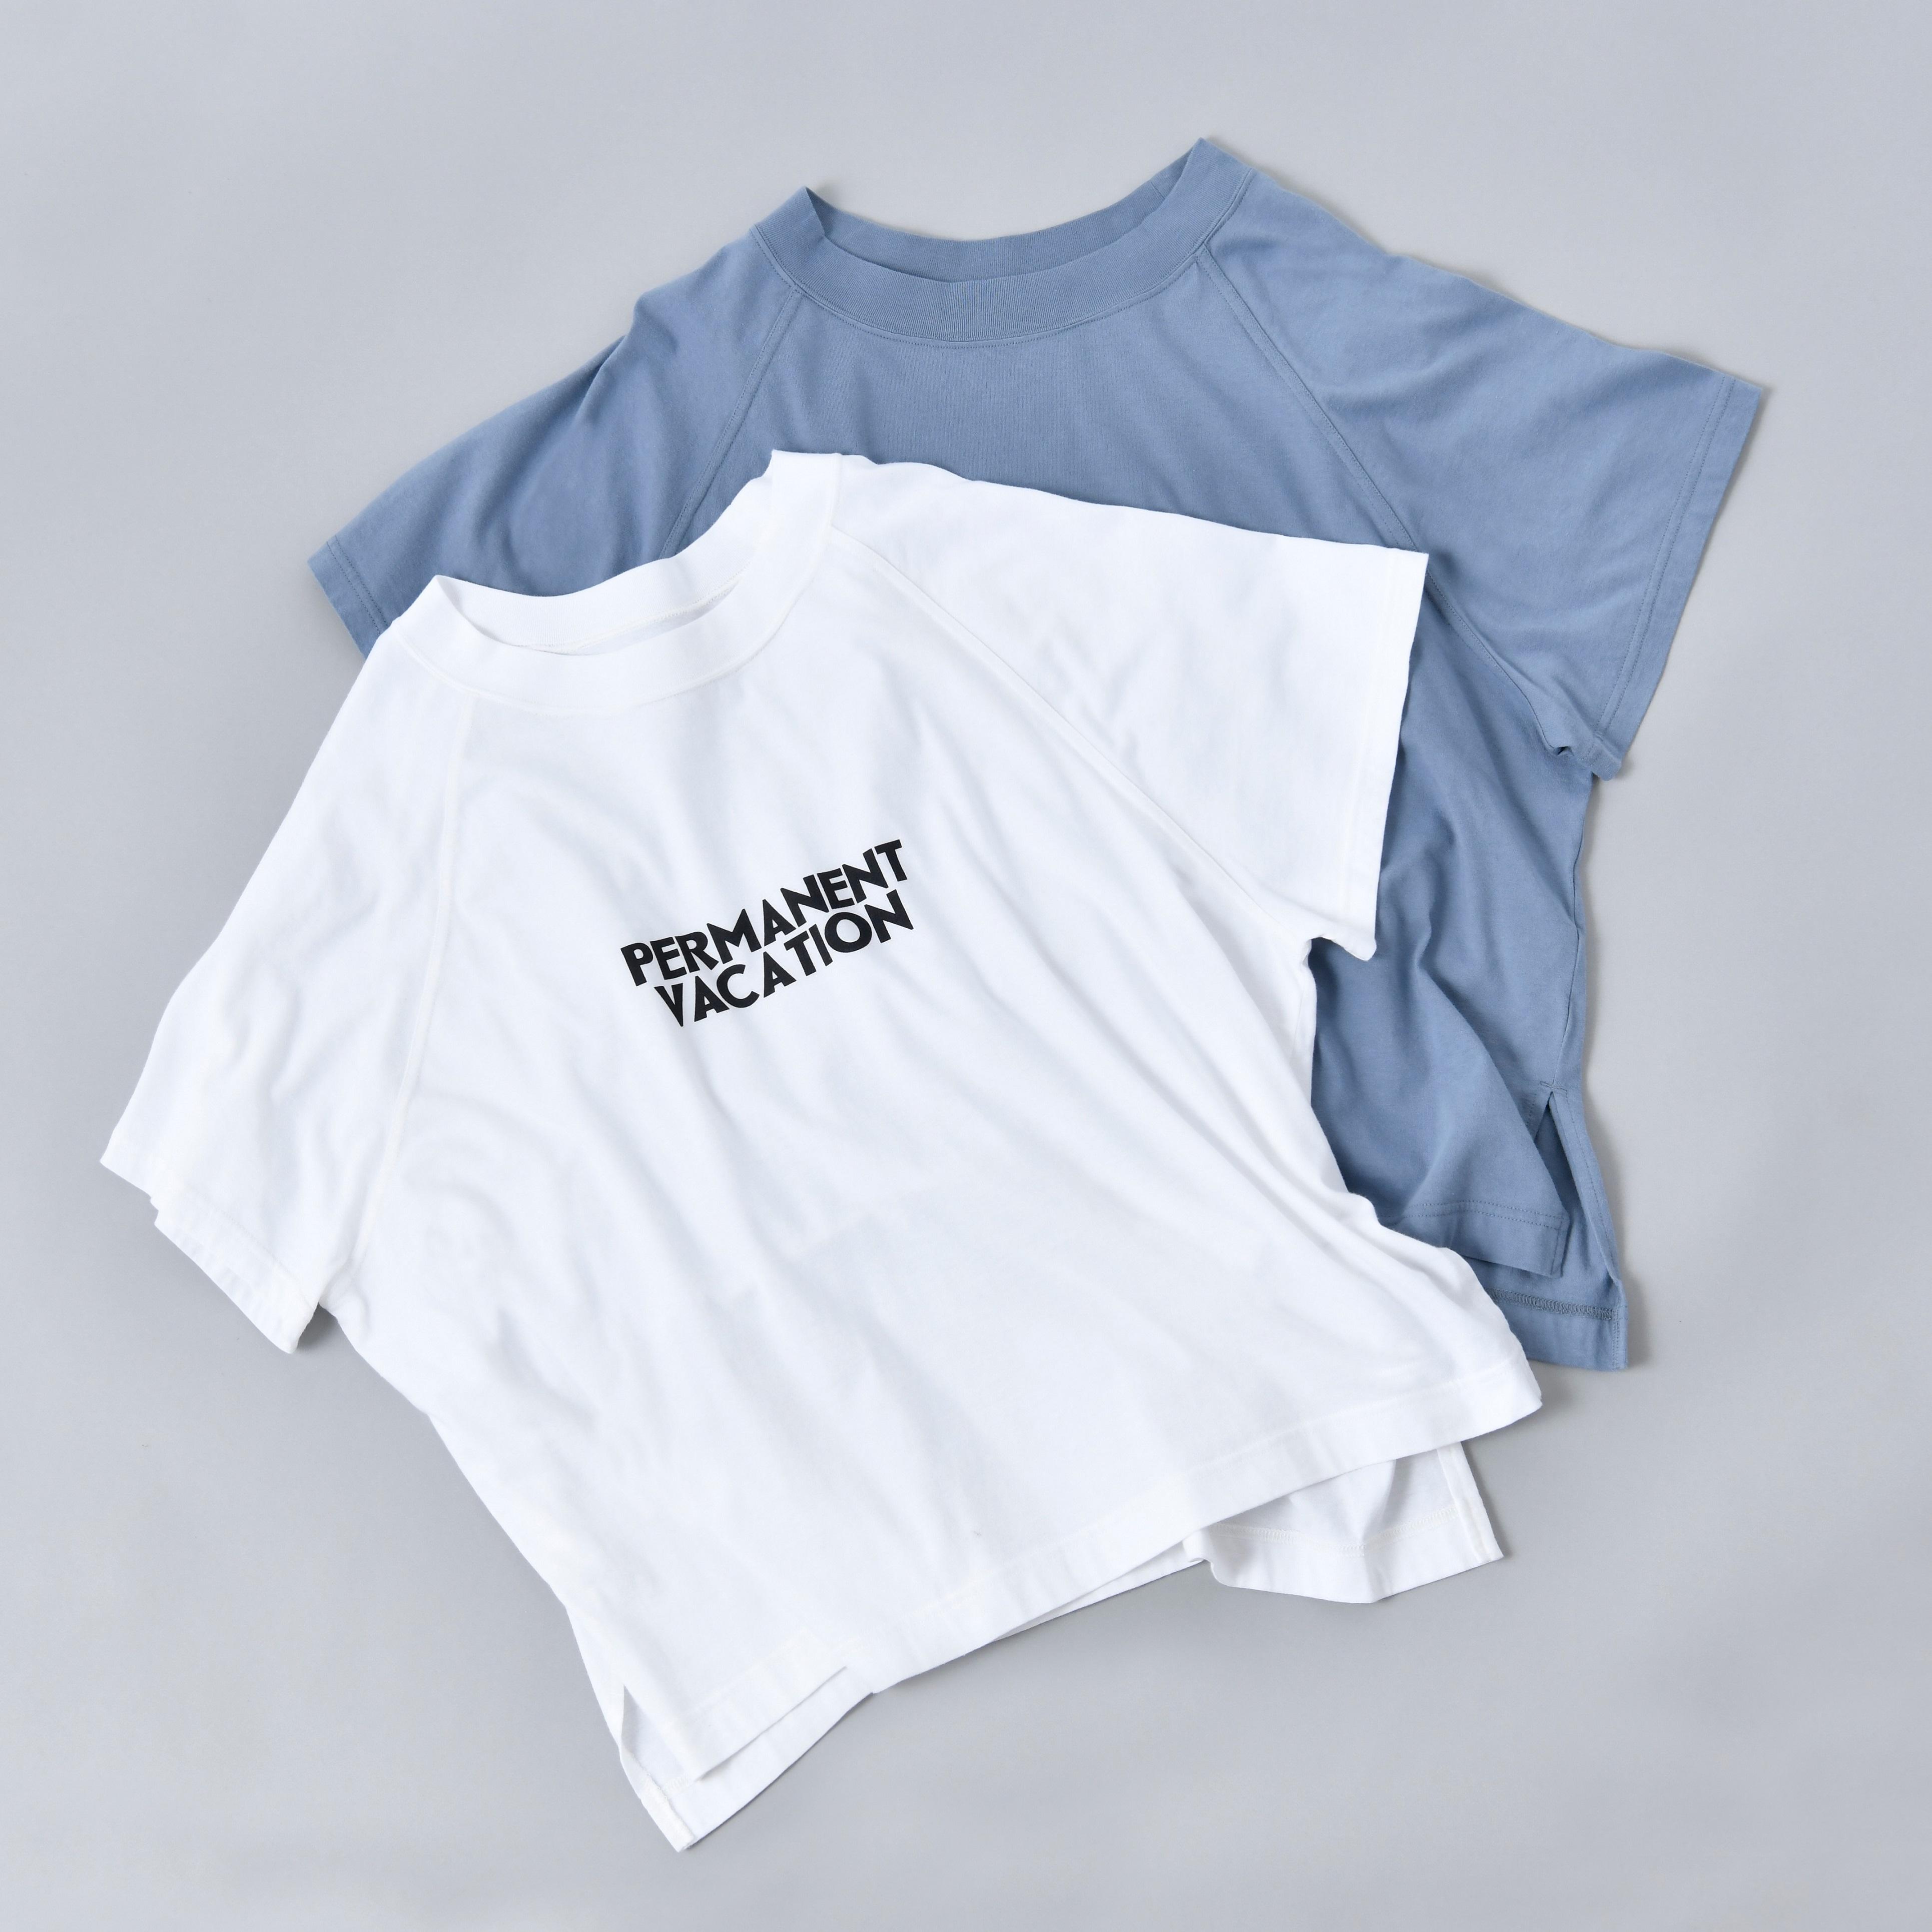 upper hightsの人気アイテム!おすすめTシャツをご紹介